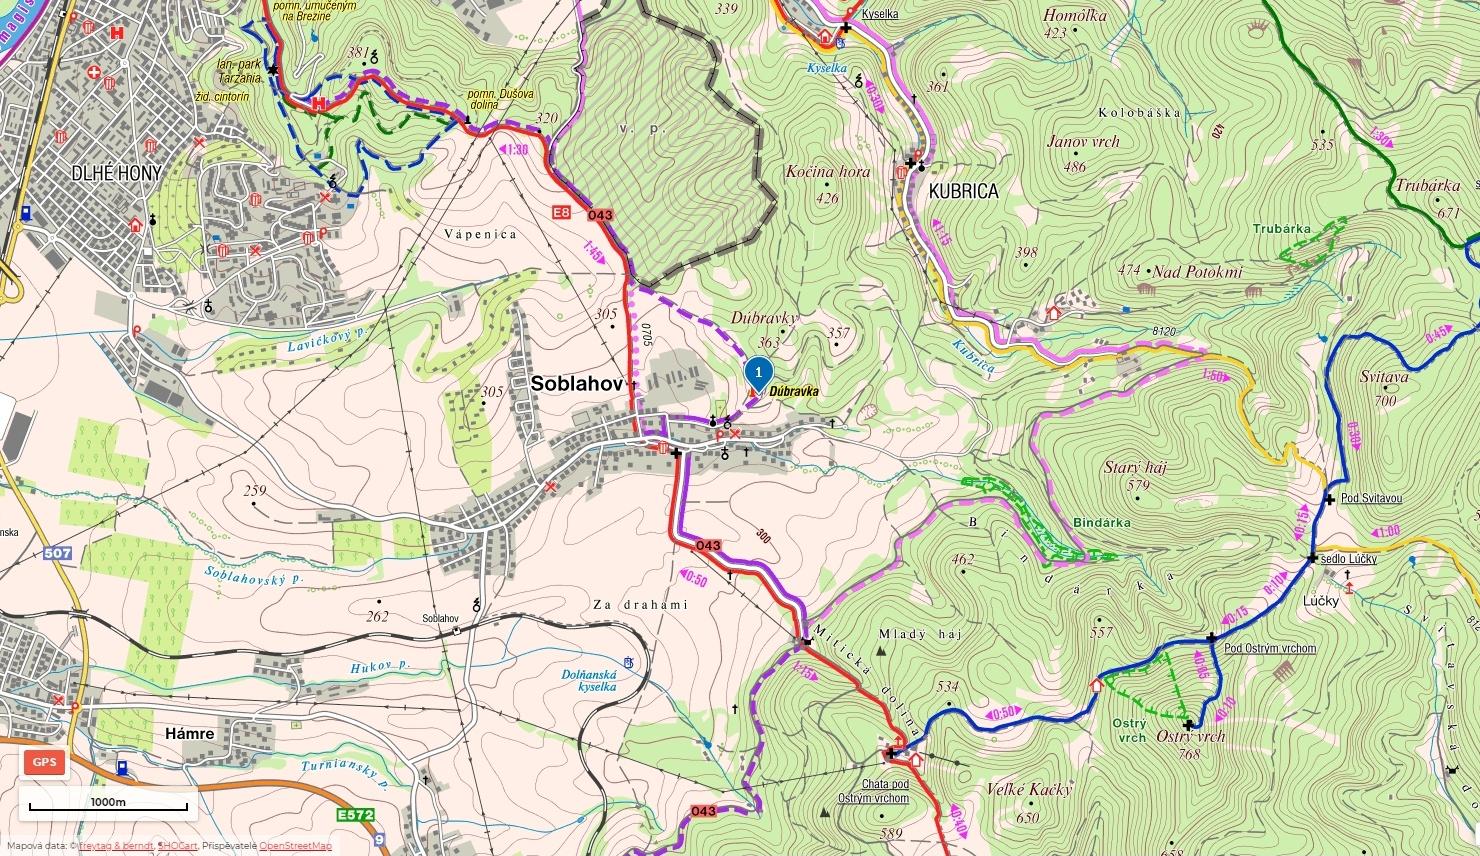 09-Rozhladna-Dubravka-mapa